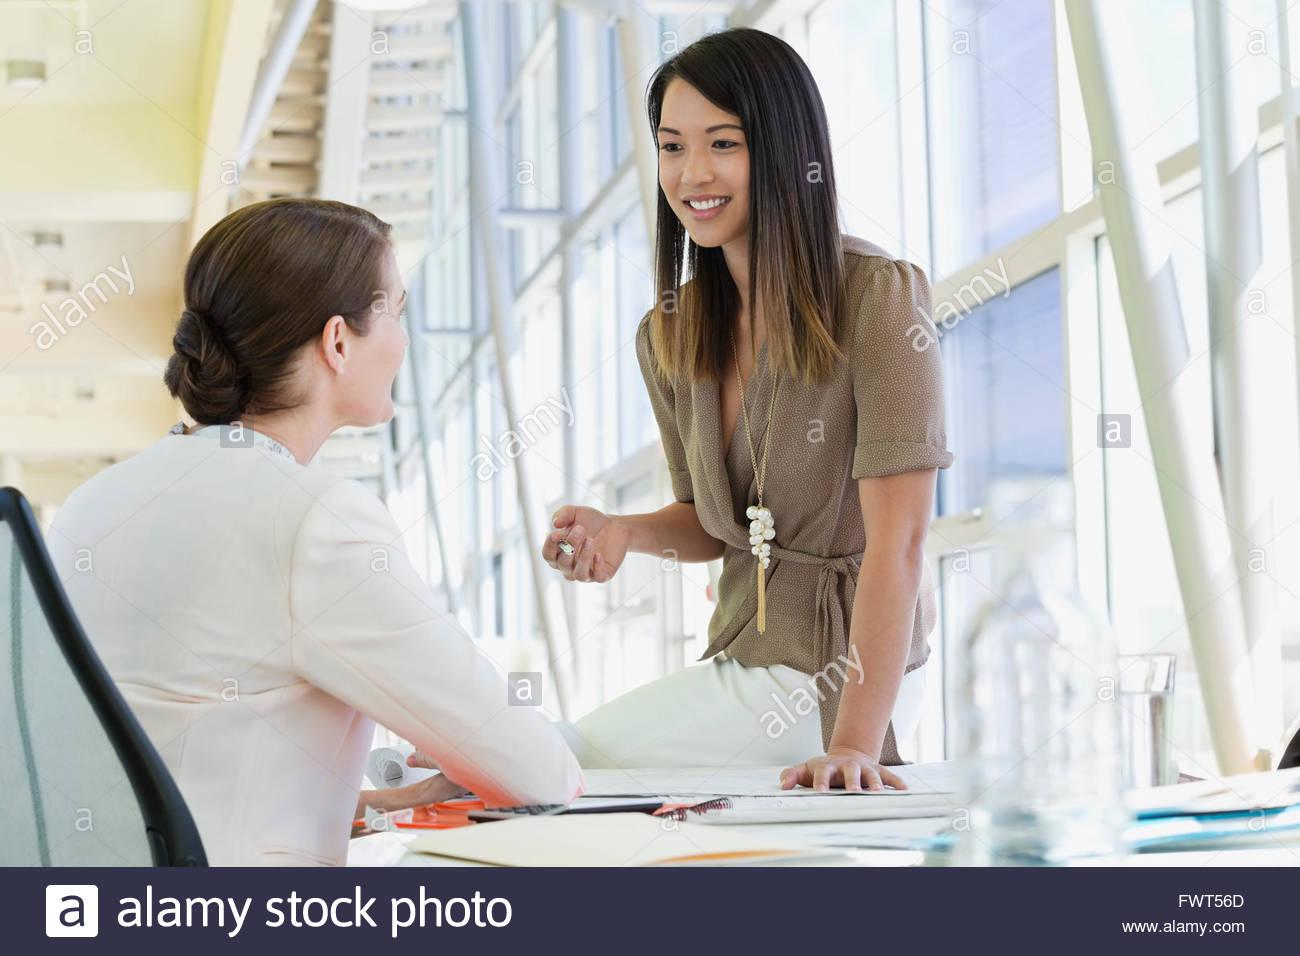 Femmina di colleghi di lavoro più di parlare di scrivania in sala conferenze Immagini Stock